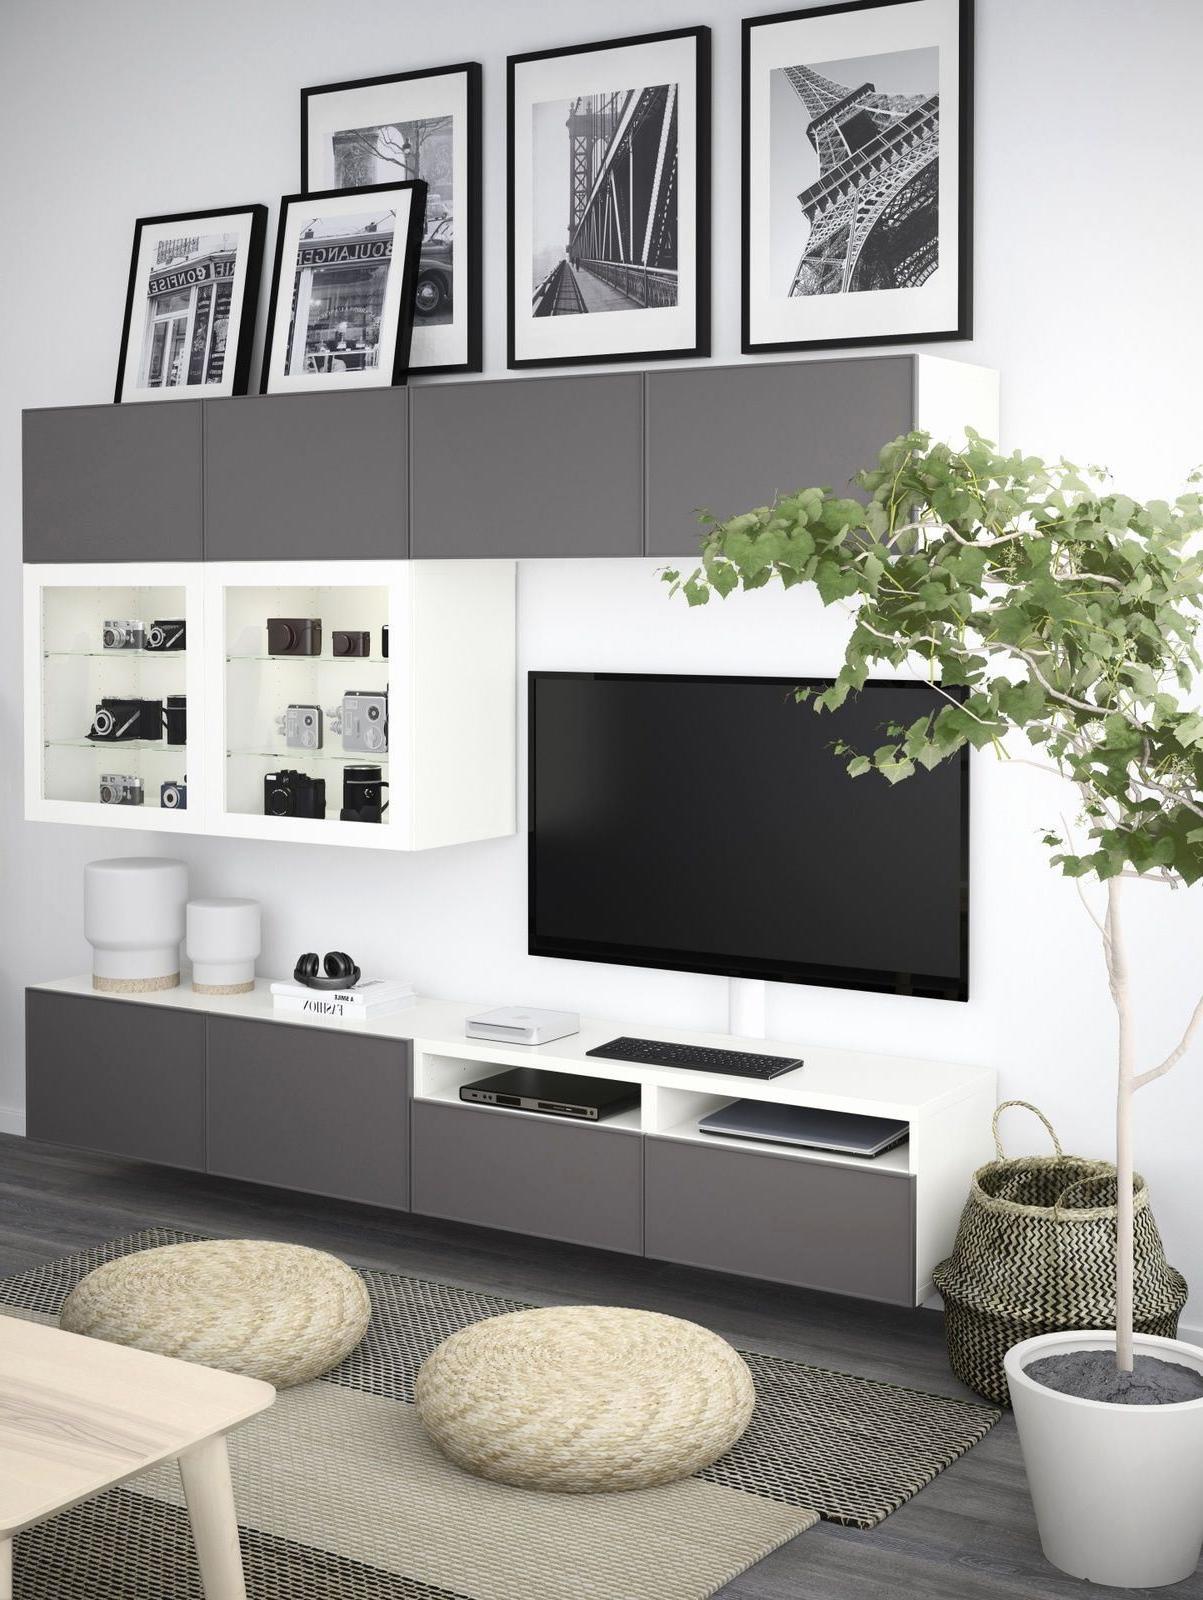 Muebles De Salon Ikea Kvdd Excellent Muebles De Salon Ikea 2